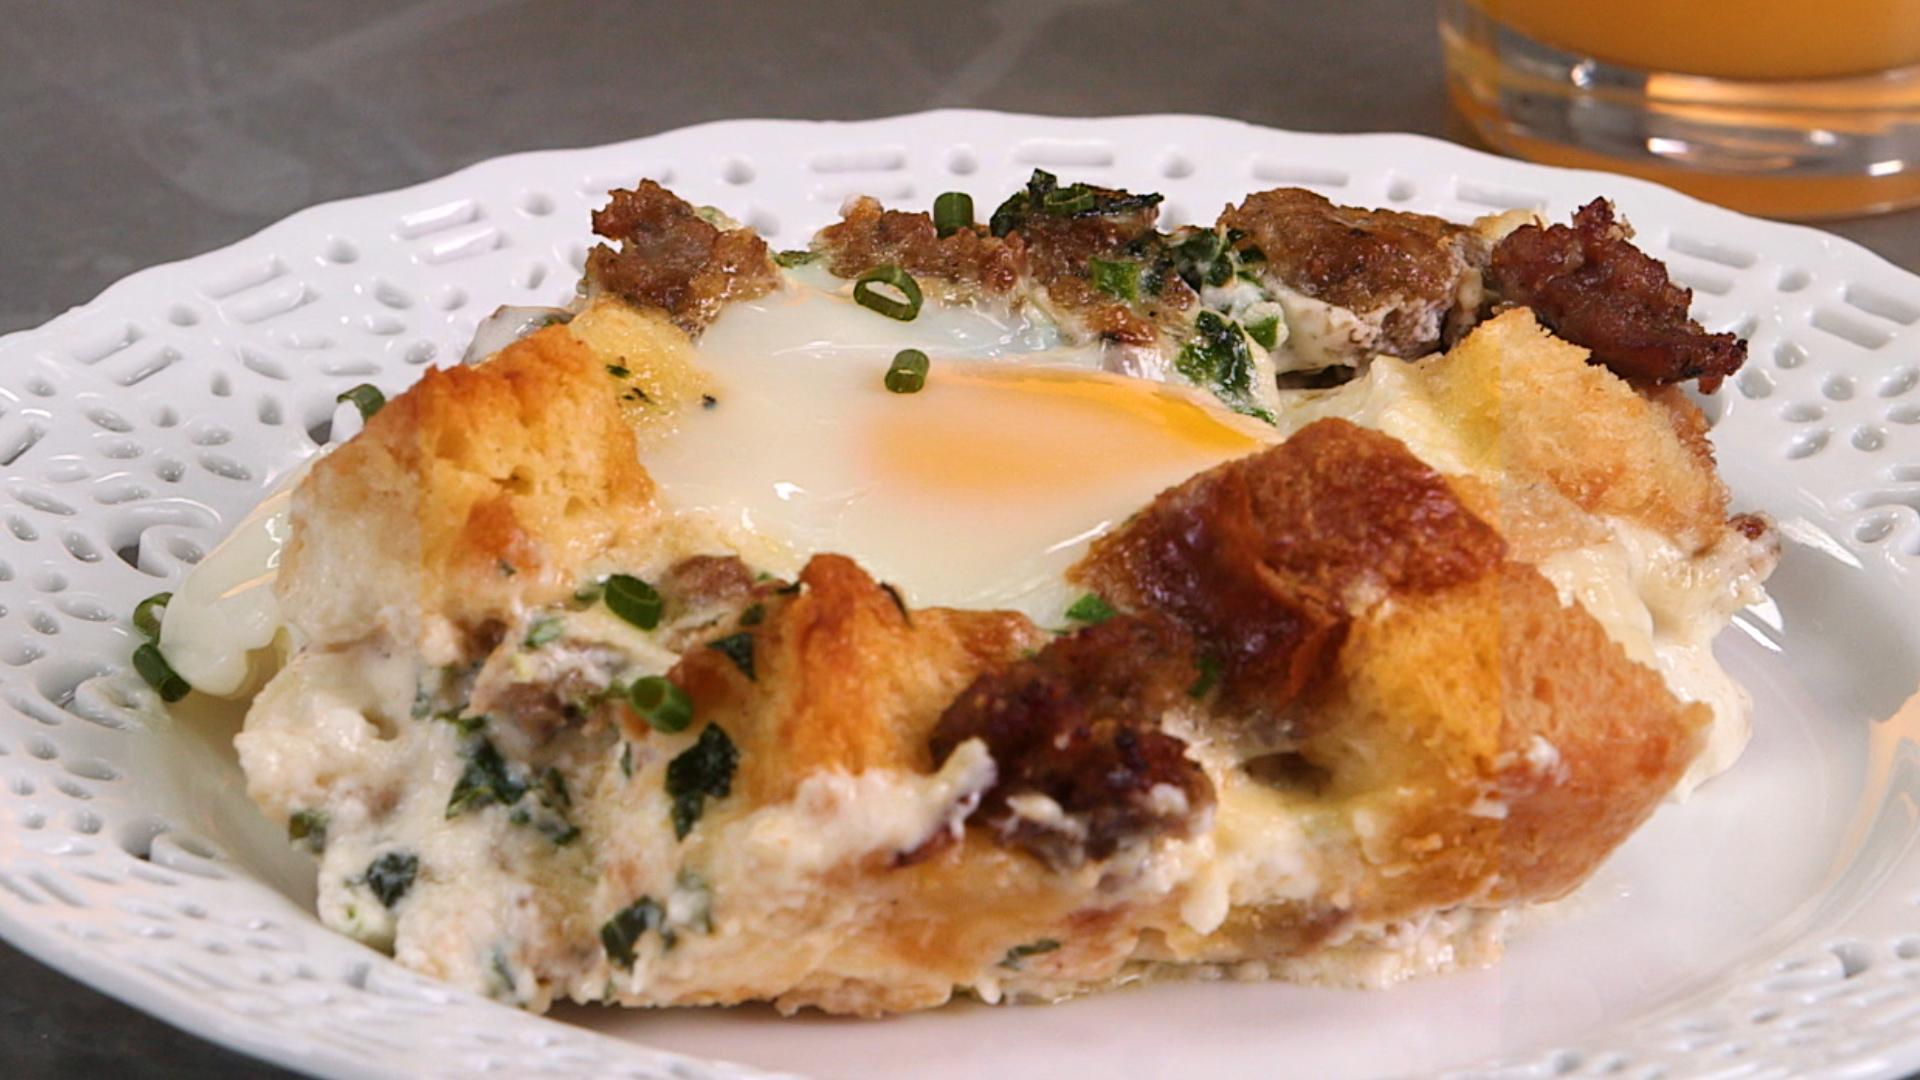 Creamy Brioche and Egg Bake